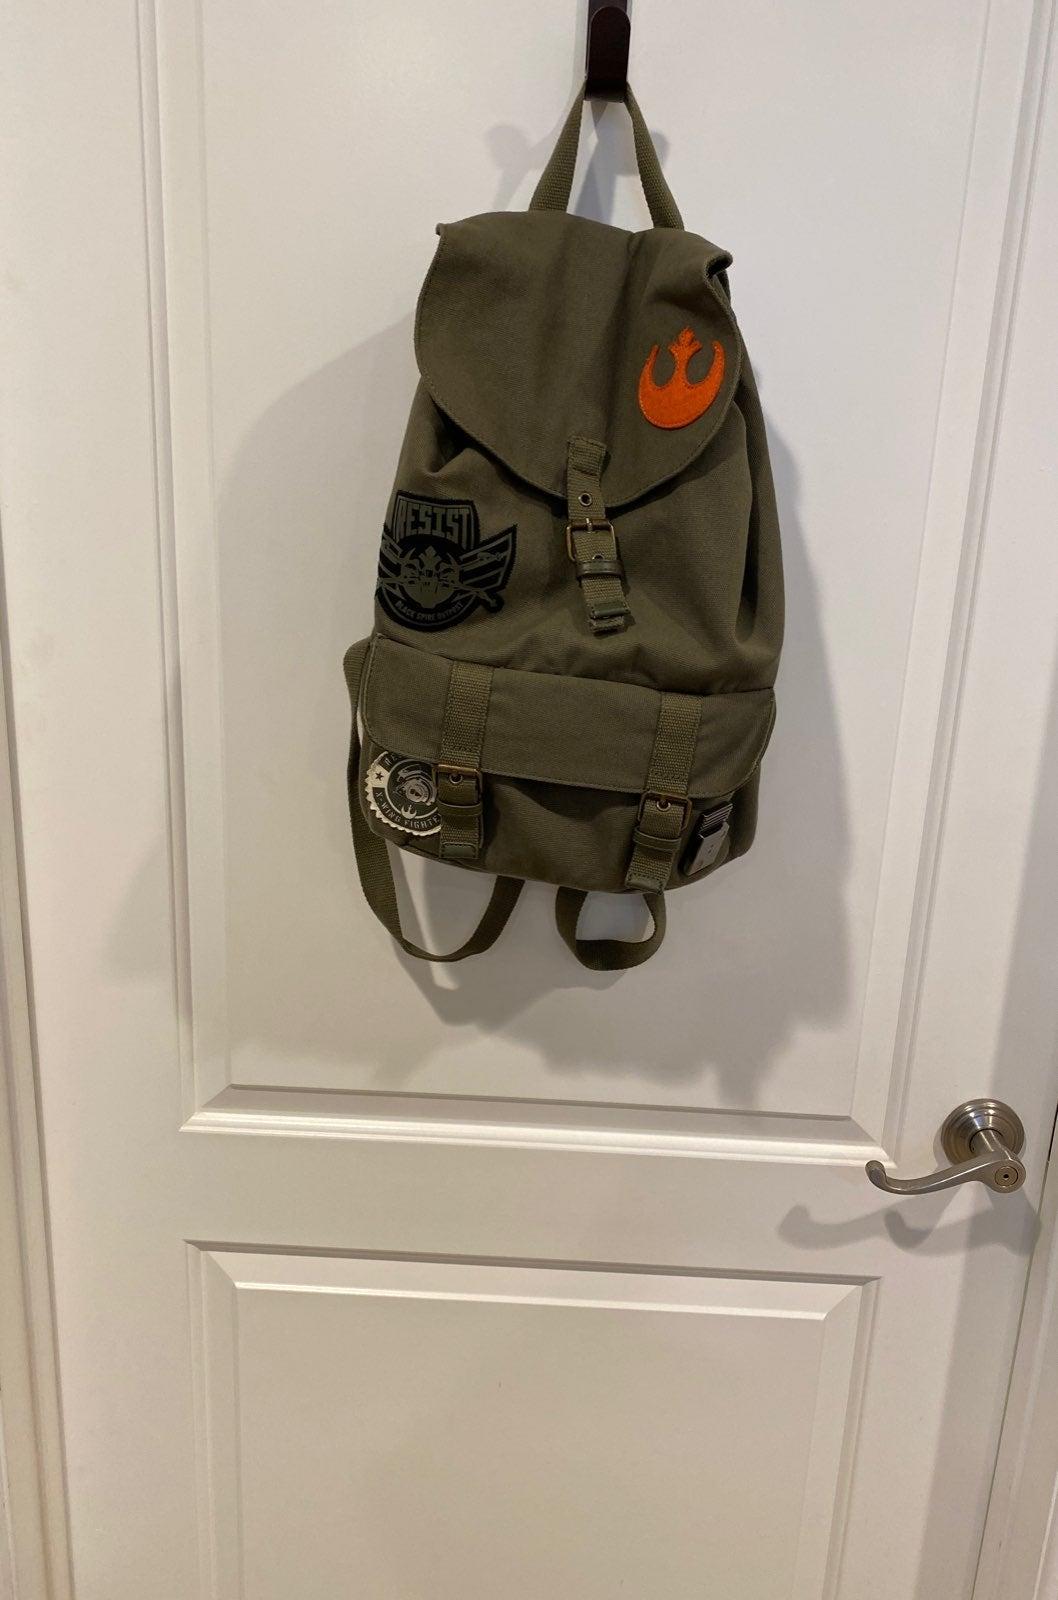 Backpack starwars